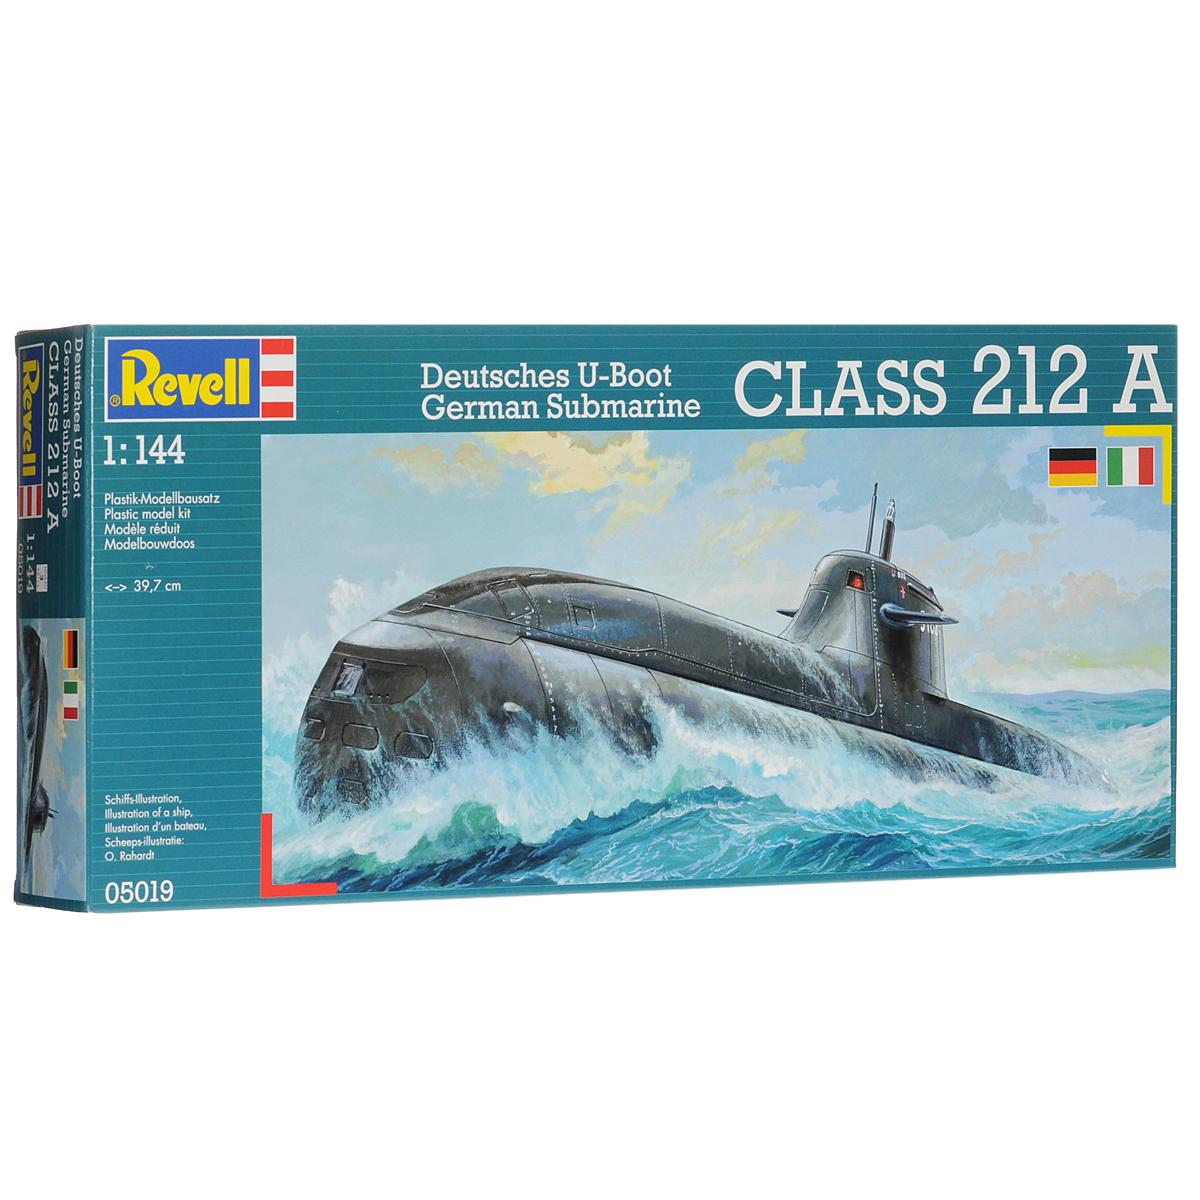 Сборная модель Revell Подводная лодка Class 212 A05019Сборная модель Revell Подводная лодка Class 212 A поможет вам и вашему ребенку придумать увлекательное занятие на долгое время. Набор включает в себя 55 пластиковых элементов, из которых можно собрать достоверную уменьшенную копию одноименной подводной лодки. Разработка судна началась в 1987 году. Уже через пять лет концерн HDW/NSW получил заказ на постройку первых четырех подлодок. Однако из-за сложностей в конструкции силовой установки реальное строительство началось только в 1999 году. Первая подводная лодка данного класса была спущена на воду в 2002 году. В данный момент на вооружении ВМФ Германии состоит одна 5 лодок типа 212. Еще две лодки были построены для Италии. Также в наборе схематичная инструкция по сборке. Процесс сборки развивает интеллектуальные и инструментальные способности, воображение и конструктивное мышление, а также прививает практические навыки работы со схемами и чертежами. Уровень сложности: 3. УВАЖАЕМЫЕ КЛИЕНТЫ! ...